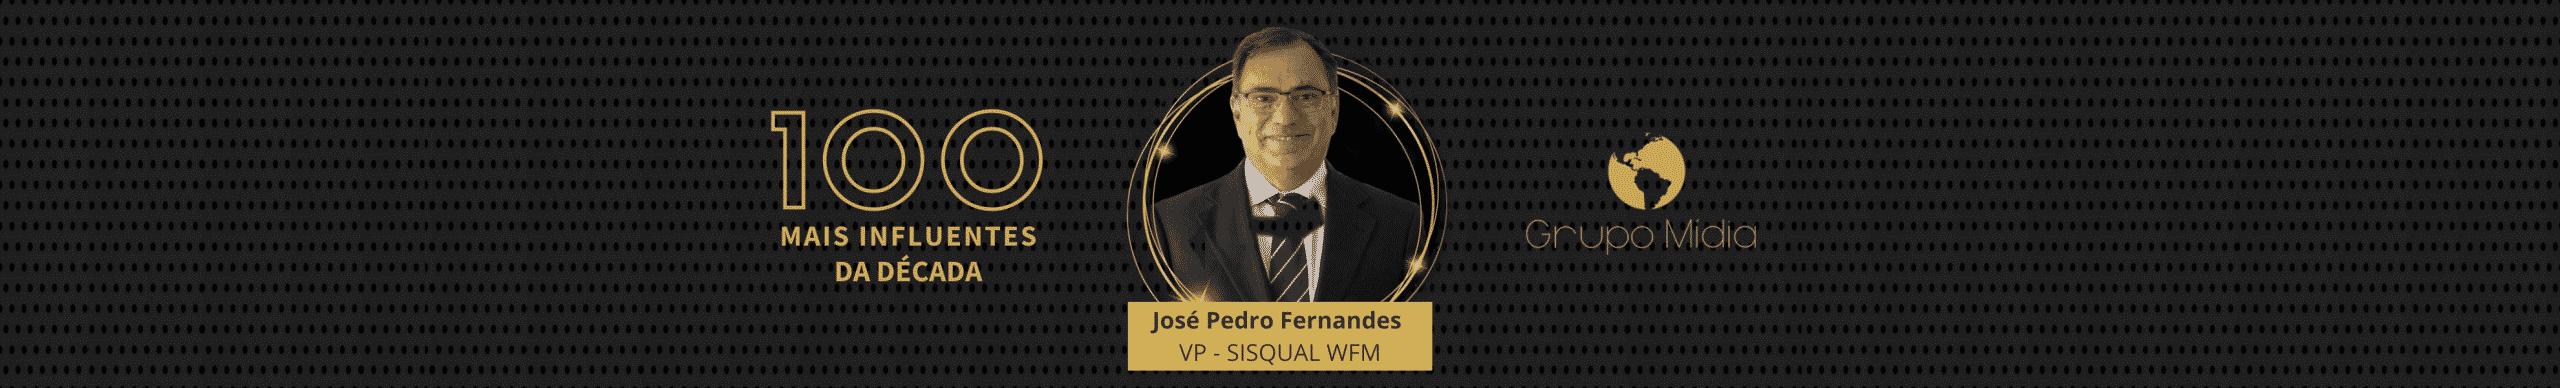 José Pedro Fernandes eleito entre os 100 mais influentes da Saúde da Década